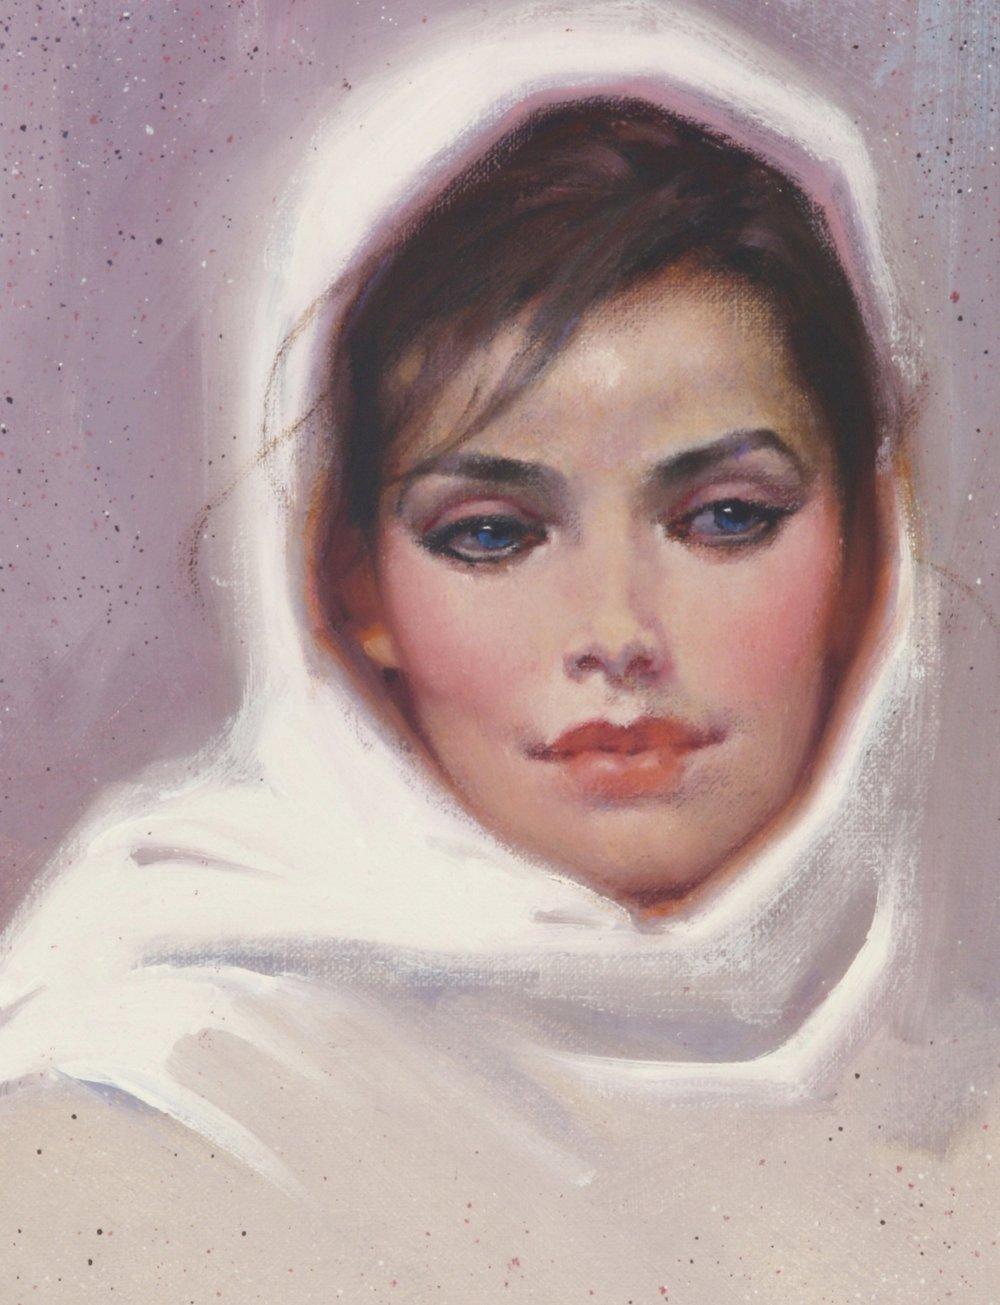 White Headdress